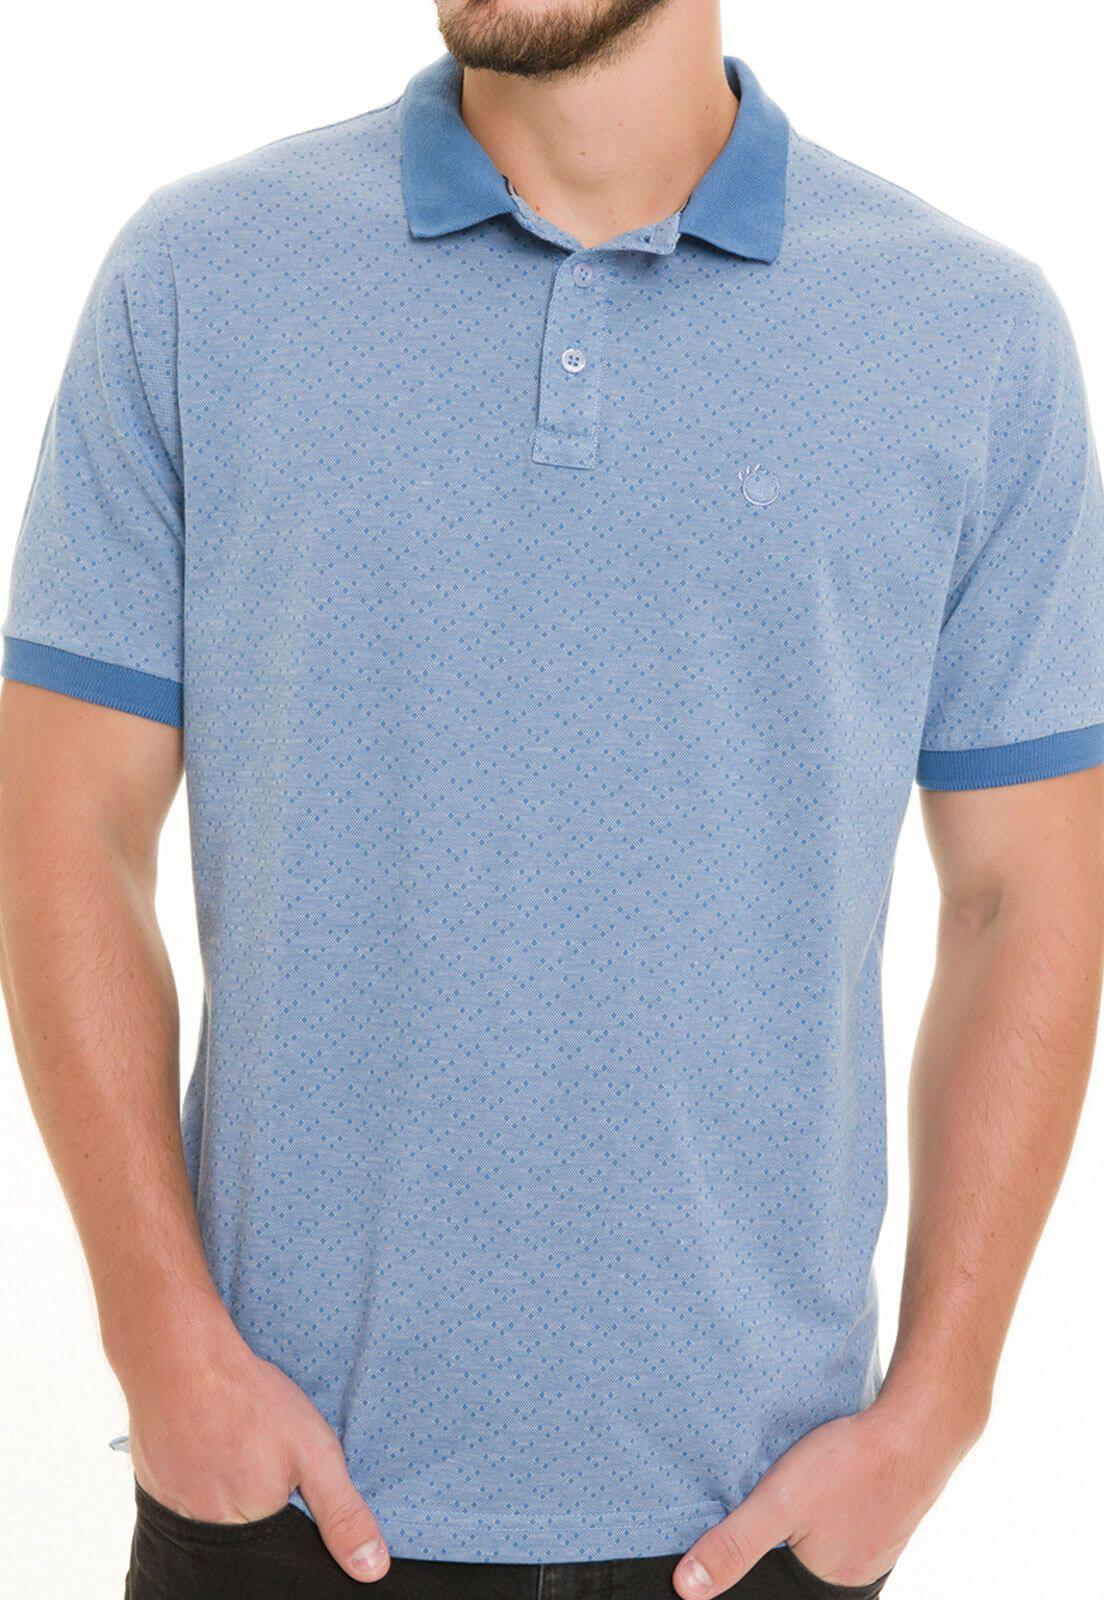 Camisa Gola Polo Olimpo Meia Malha Jacguard